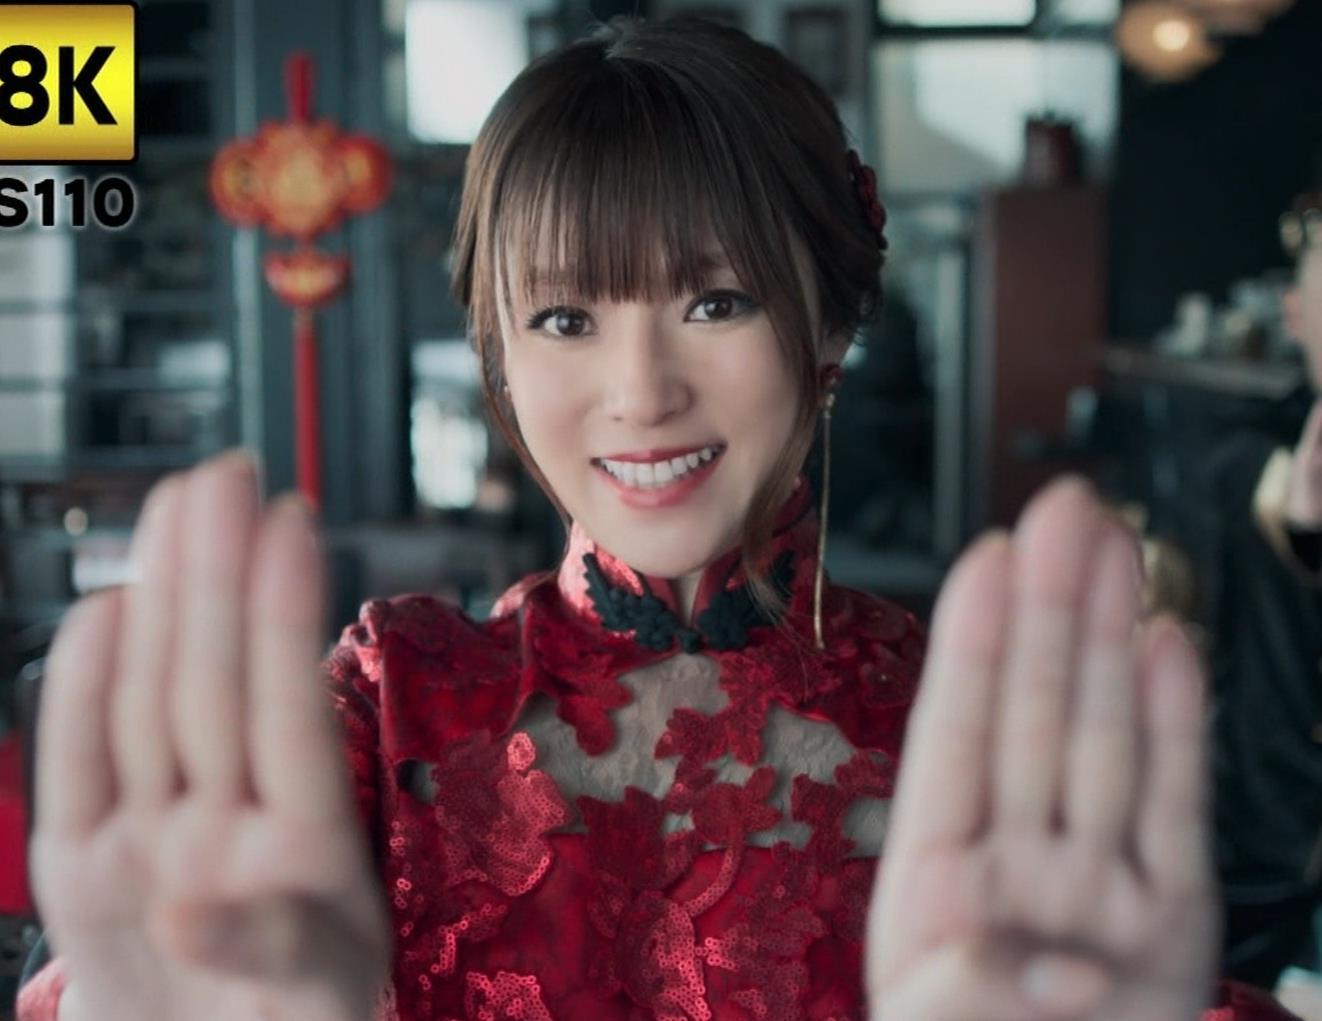 深田恭子 エロ過ぎるチャイナドレス姿のBS4K8KのCMキャプ・エロ画像5